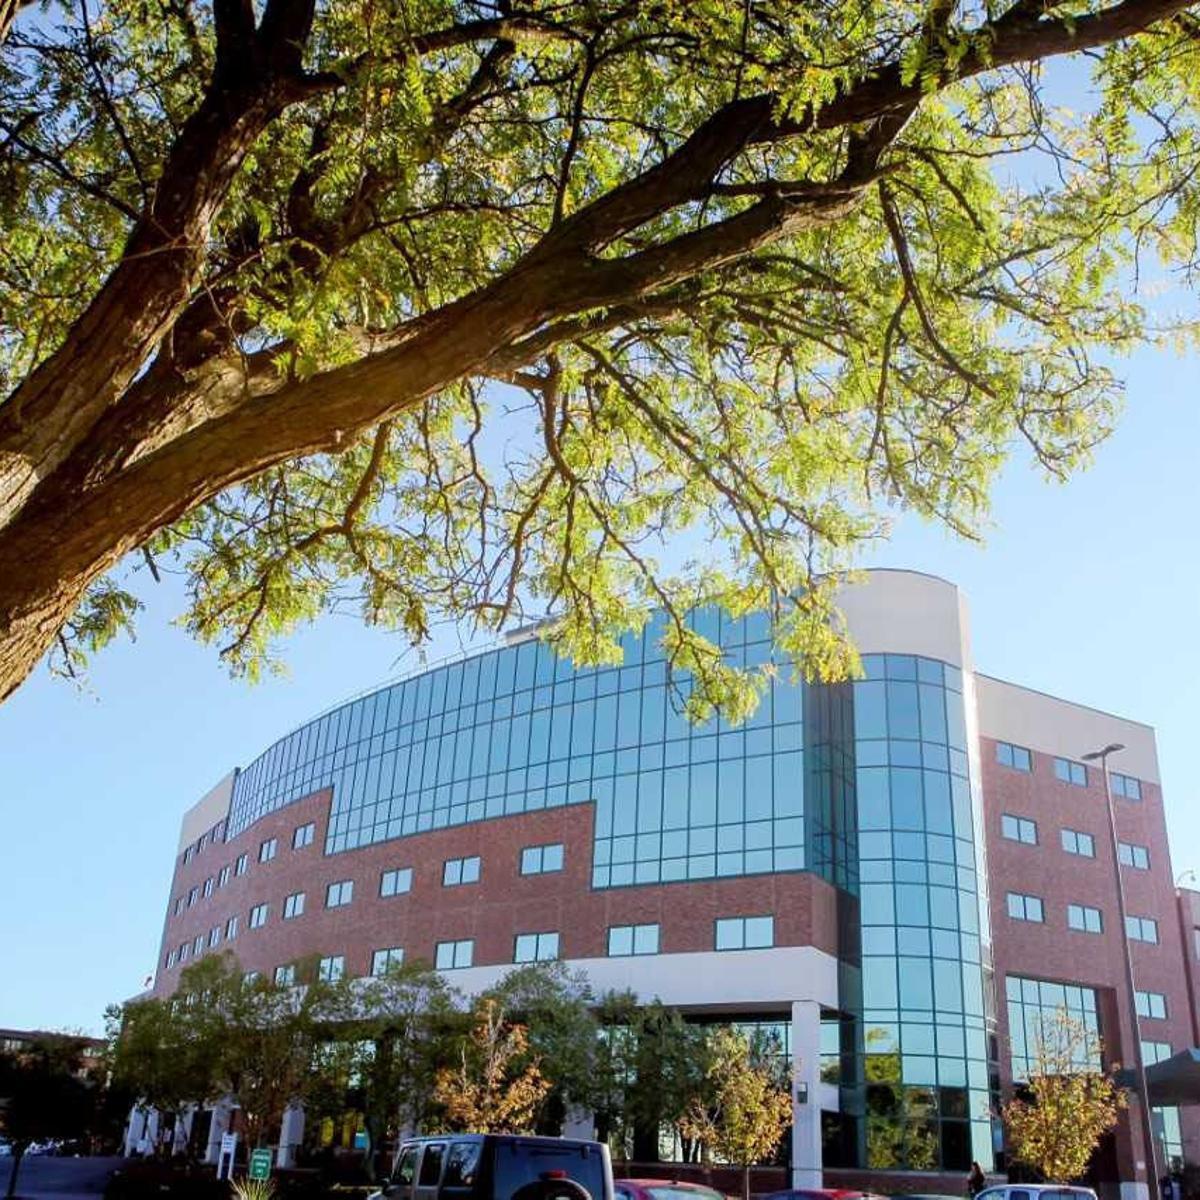 Hospitals disclose cost of procedures, actual costs remain